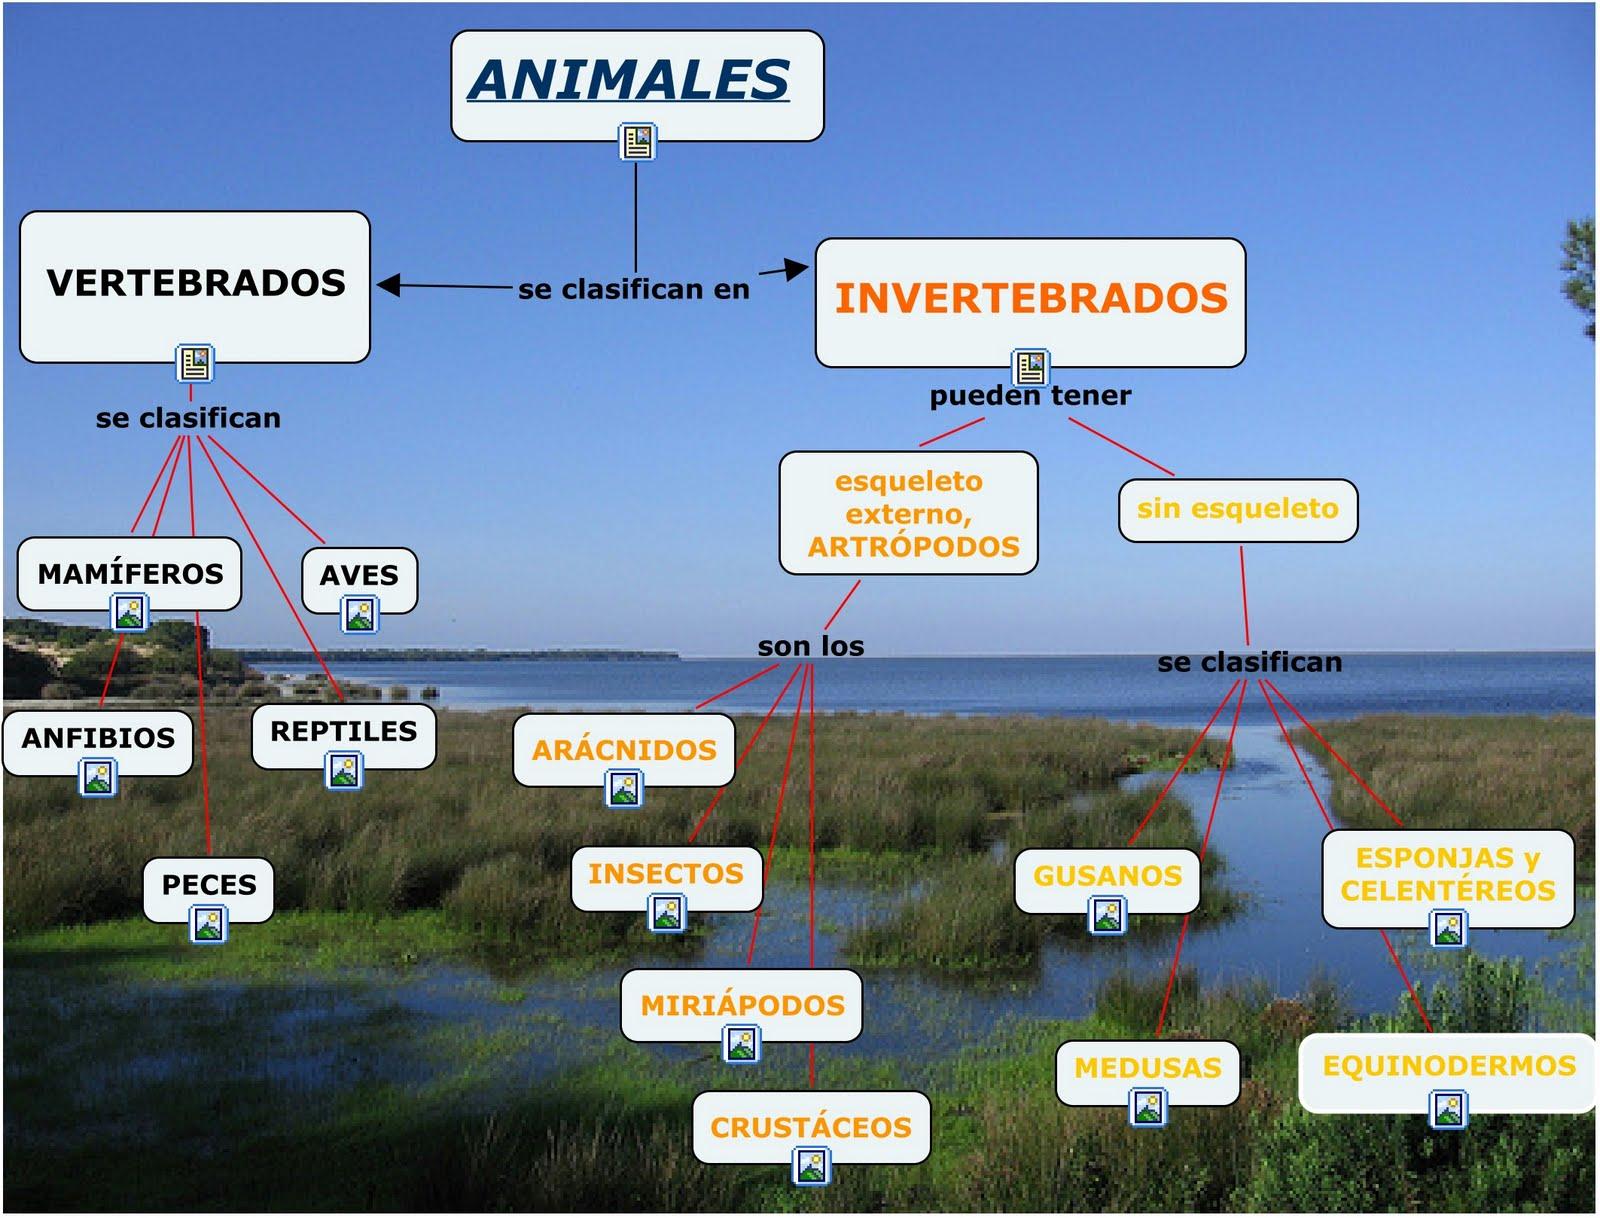 imagenes de animales vertebrados e invertebrados - ANIMALES VERTEBRADOS E INVERTEBRADOS